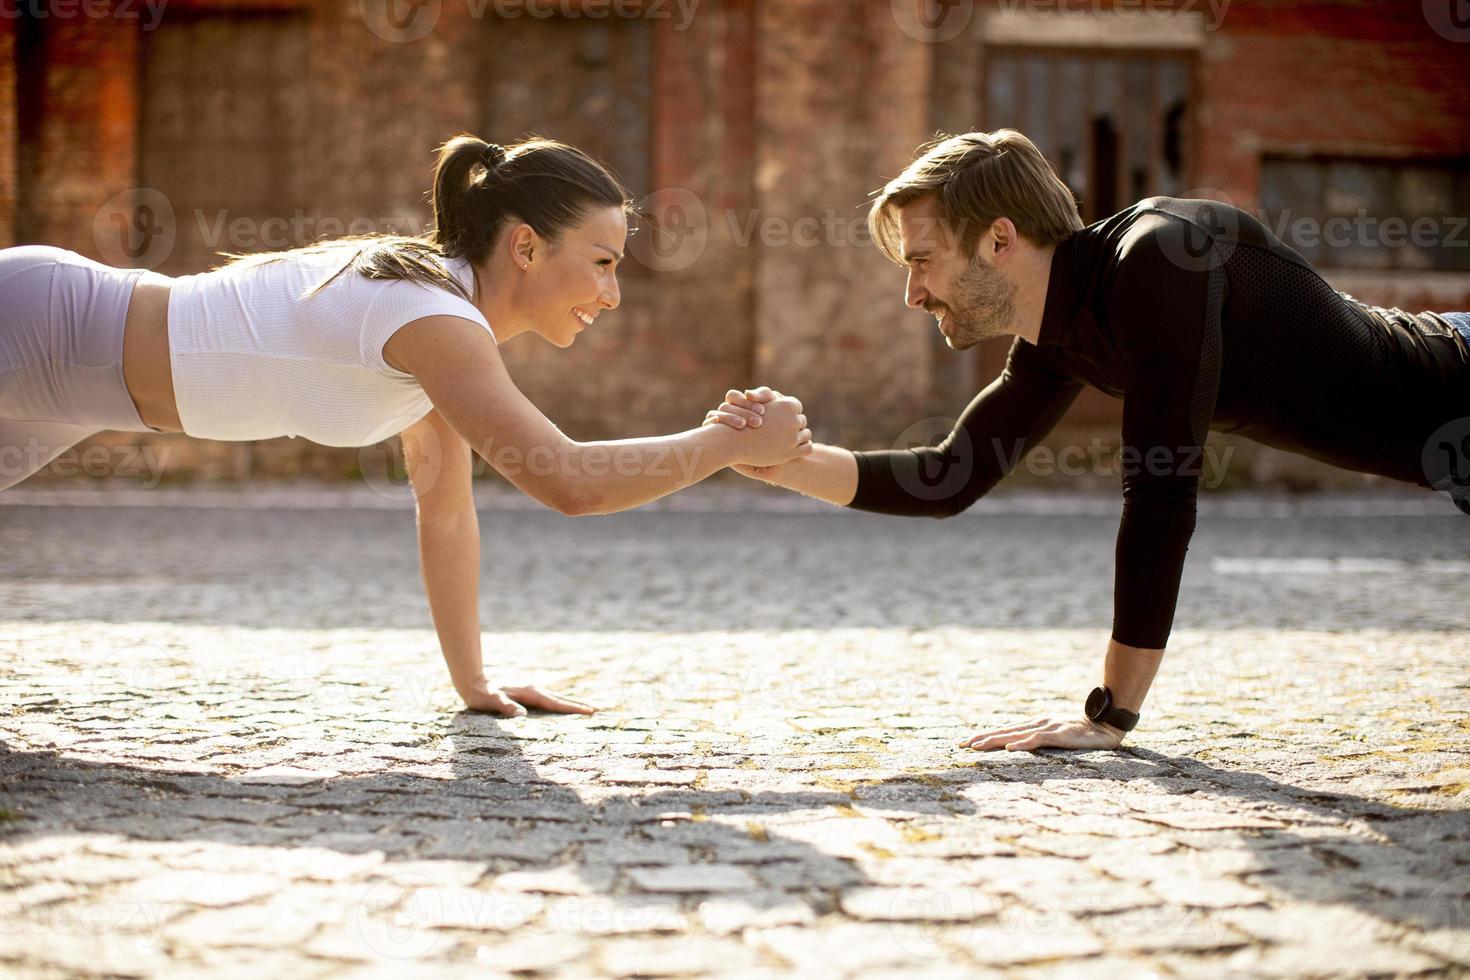 Beau jeune couple faisant des exercices de poussée d'un bras dans l'environnement urbain photo